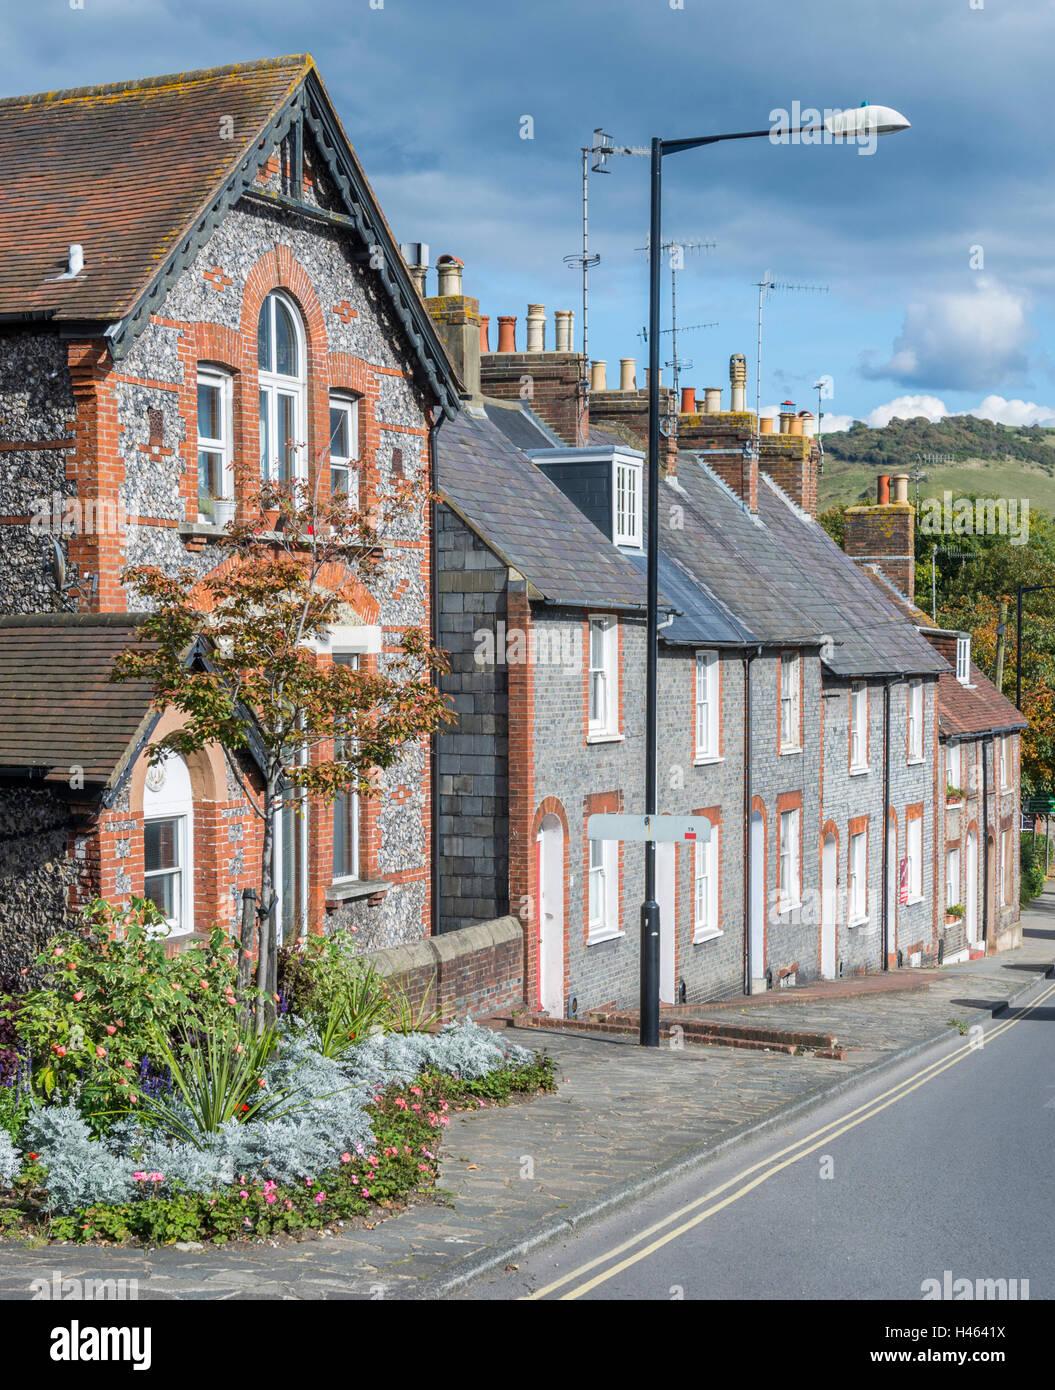 Rangée de maisons en terrasse sur une colline dans la région de Lewes, East Sussex, Angleterre, Royaume Photo Stock